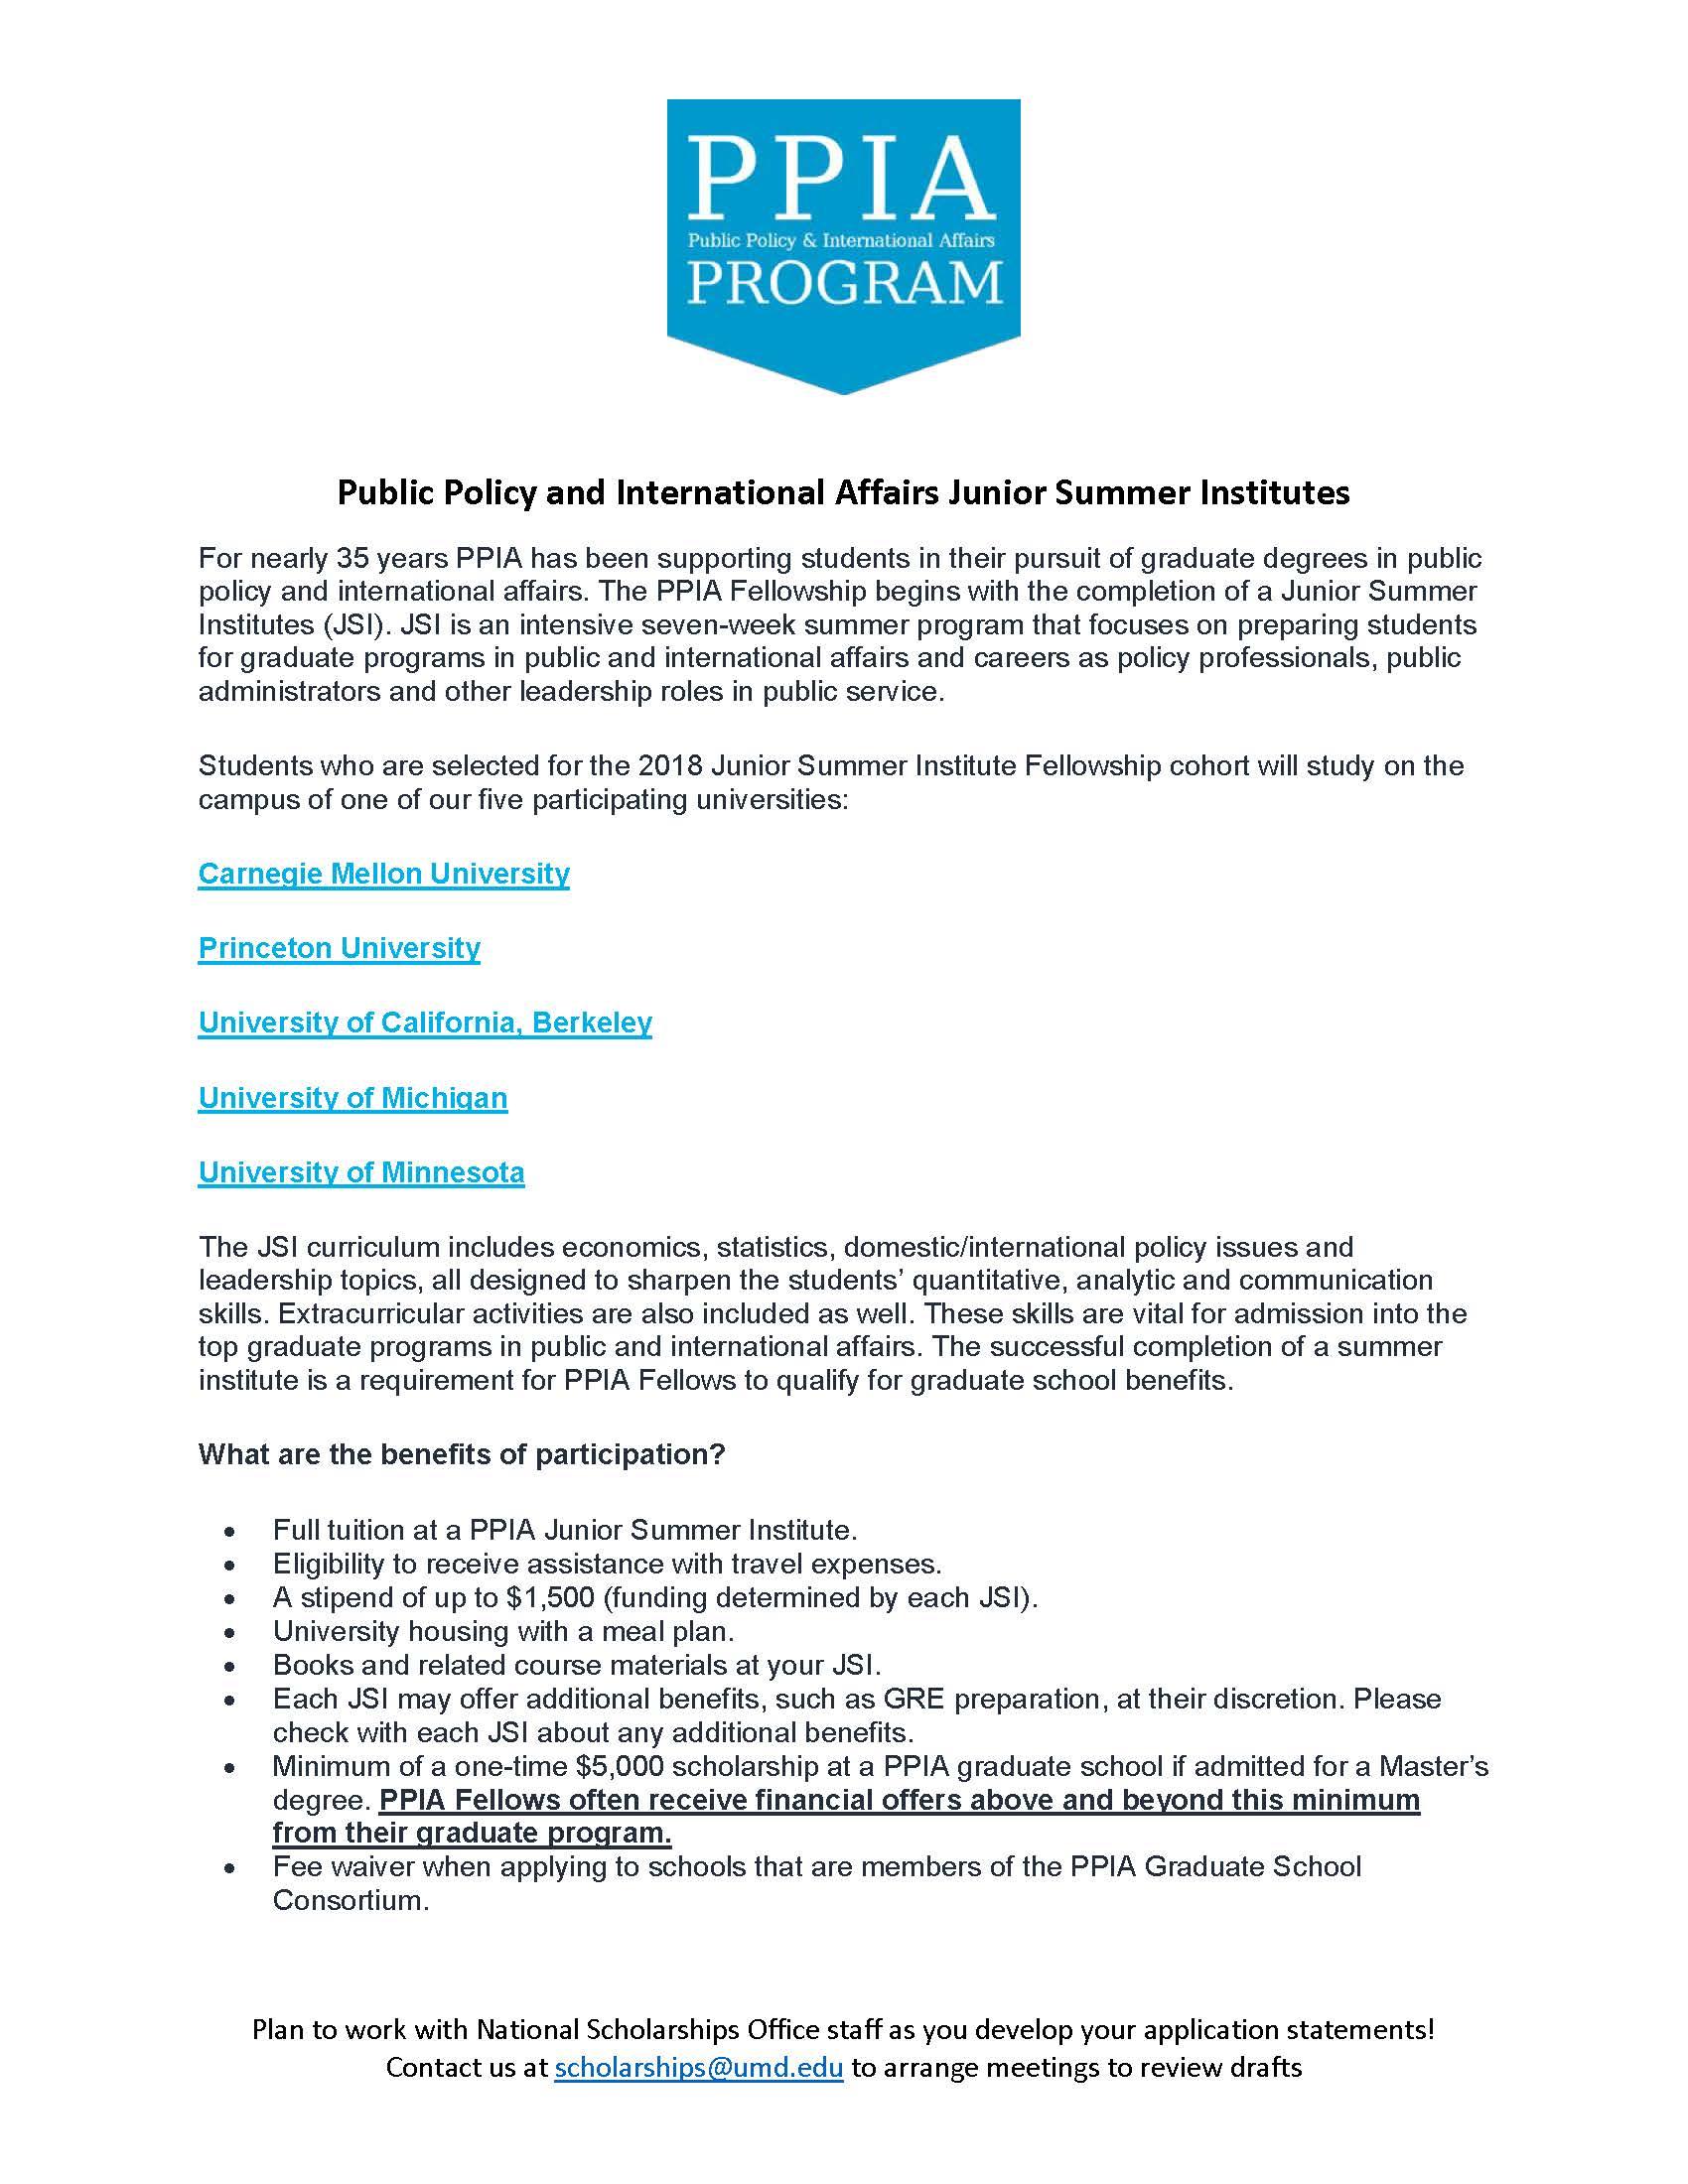 PPIA Int'l Affairs & Public Policy Summer Institute - Program Description Handout_Page_1.jpg